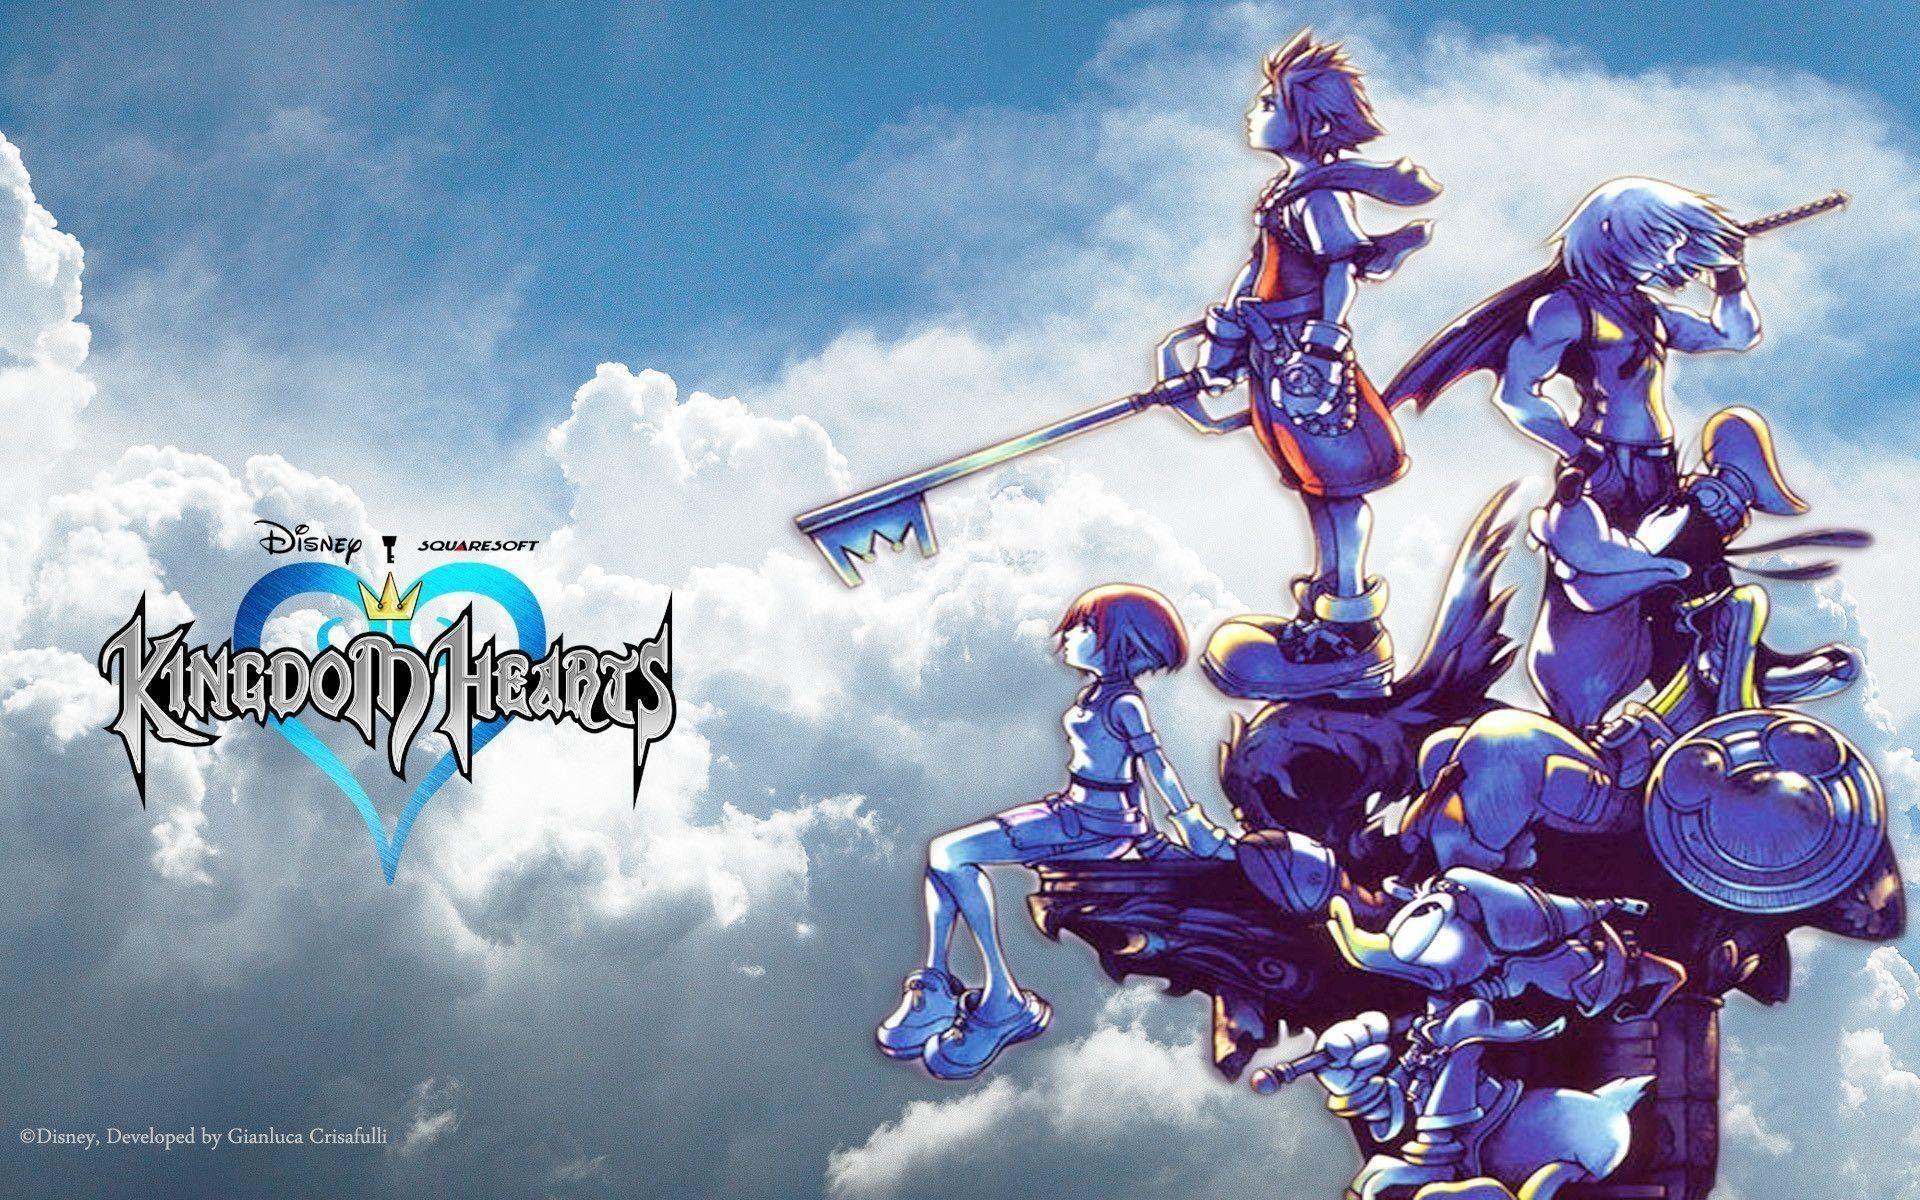 10 Most Popular Kingdom Hearts Wallpaper Hd Full Hd 1080p For Pc Desktop Kingdom Hearts Wallpaper Heart Wallpaper Hd Kingdom Hearts